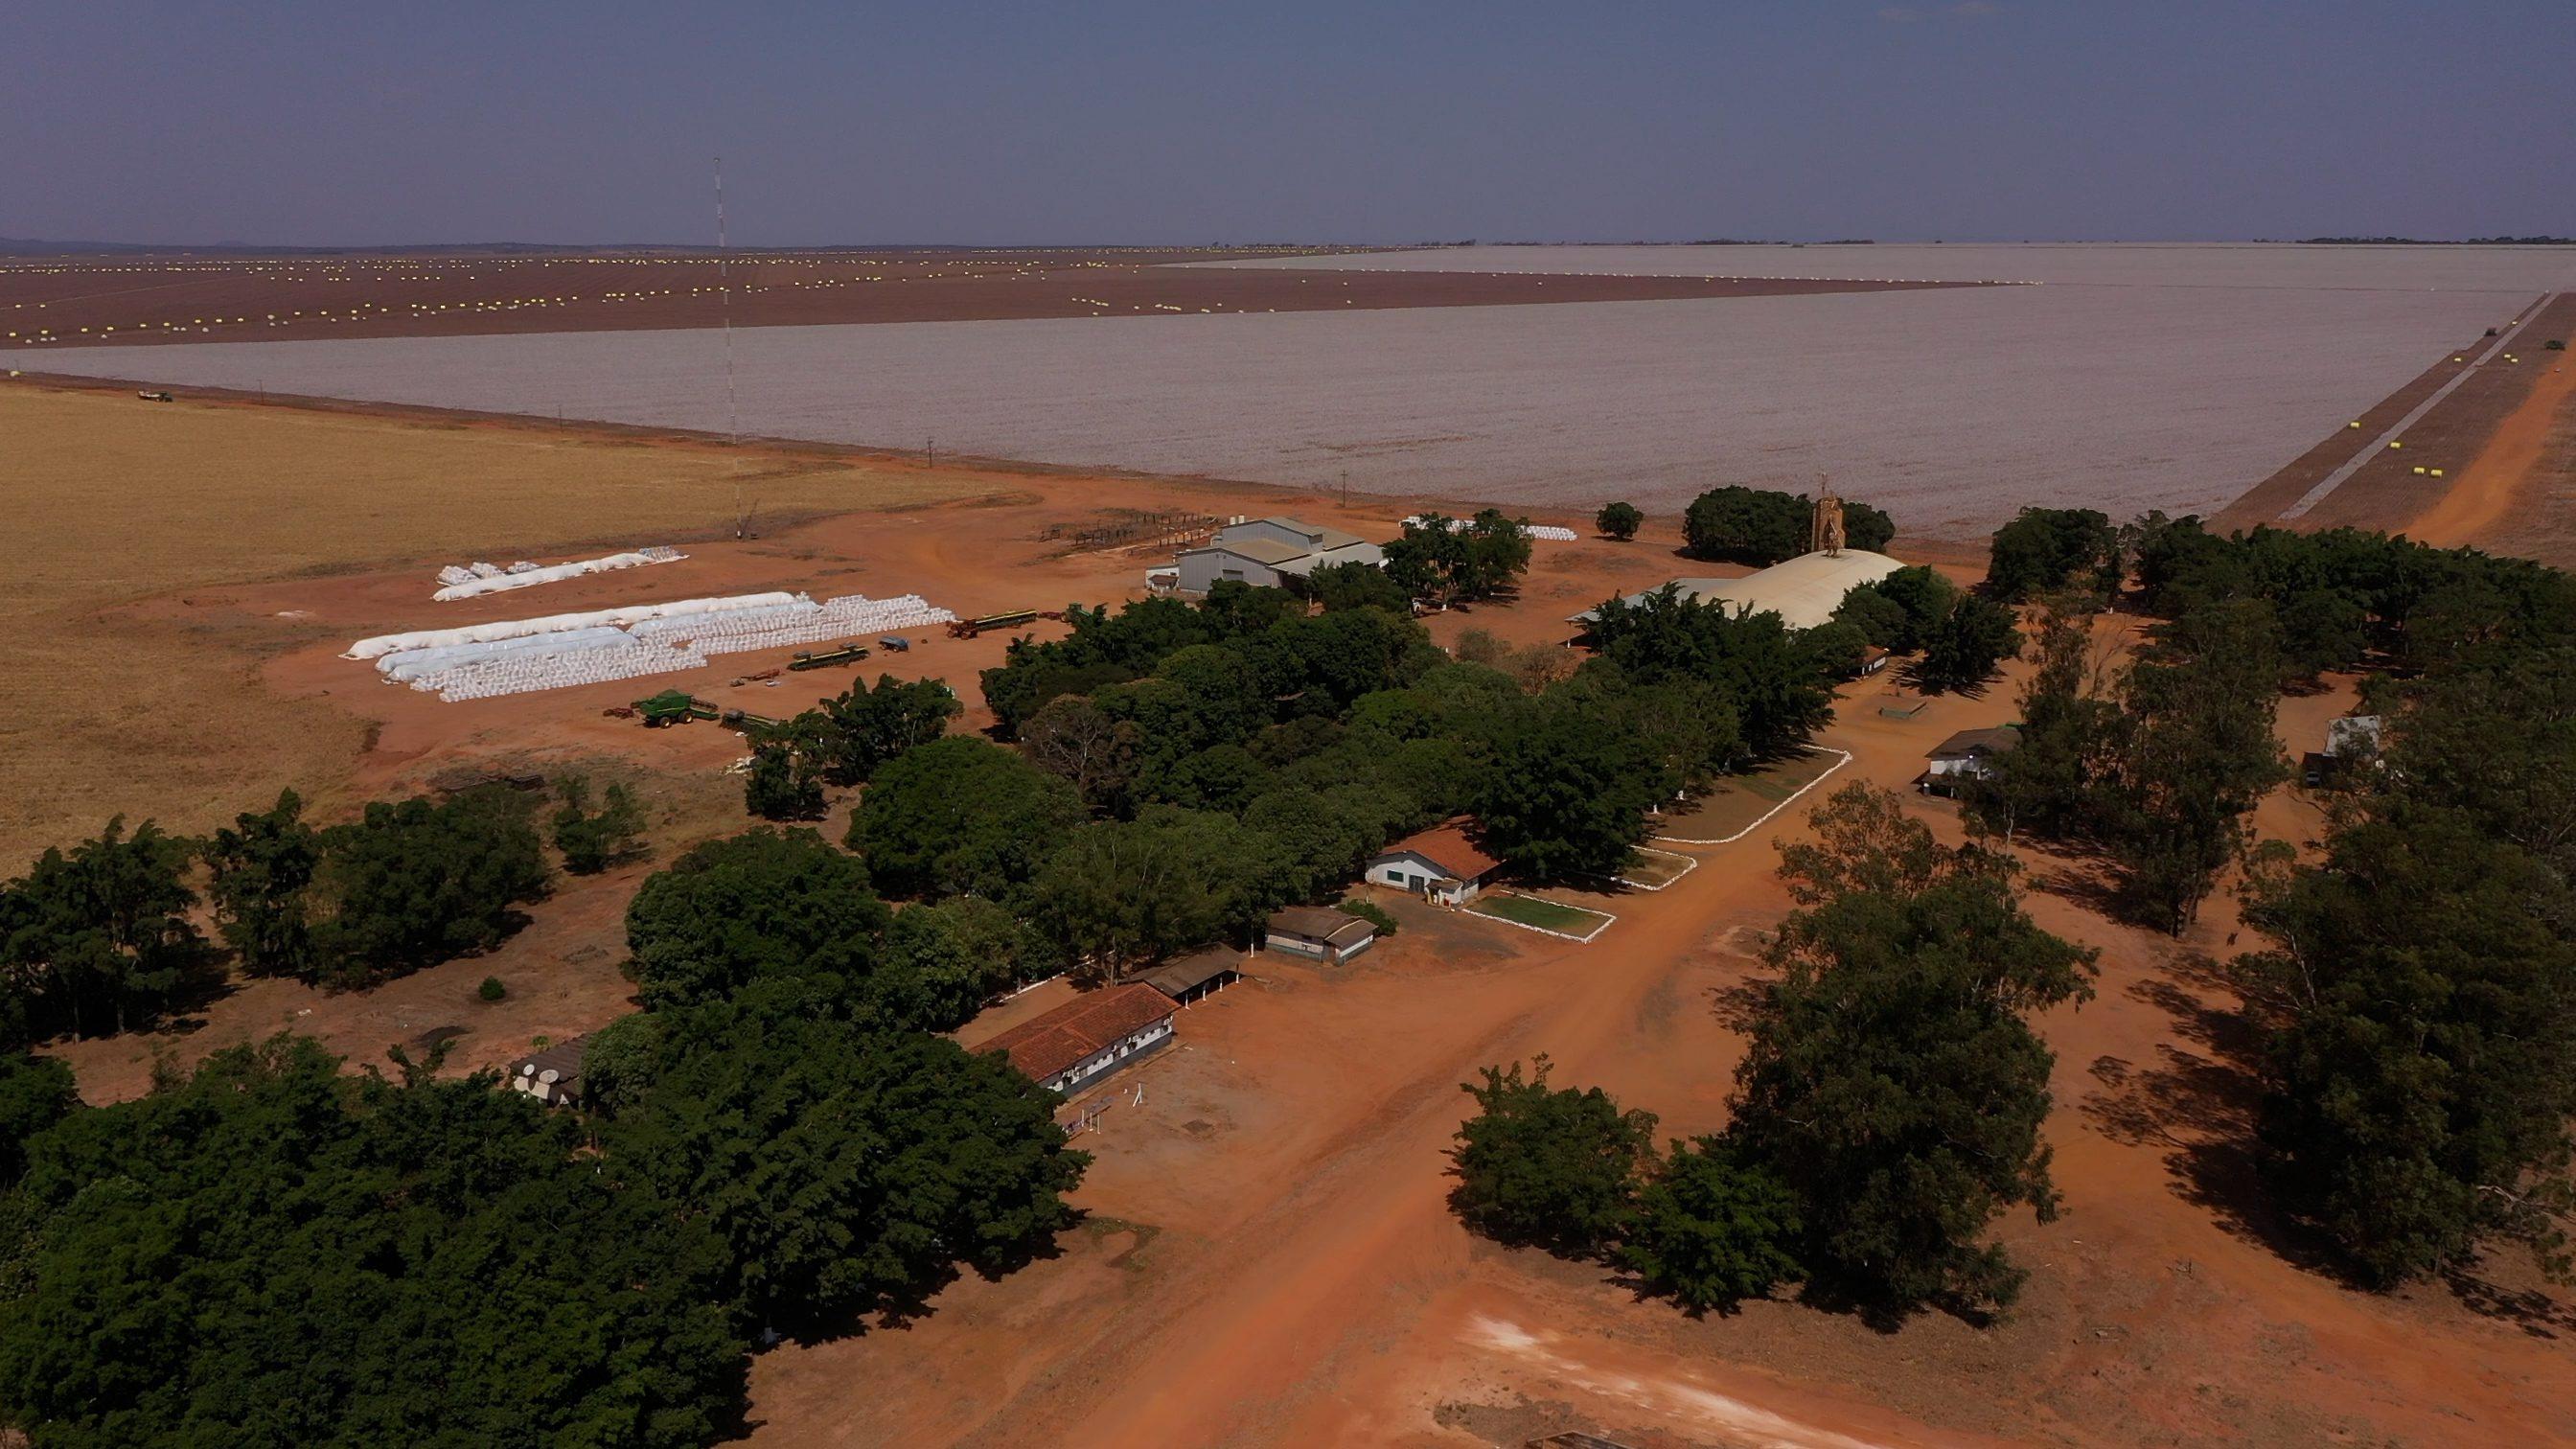 Vista aérea da fazenda Rio Verde, em Campo Novo do Parecis (MT), uma das unidades produtivas recentemente adquiridas conforme o plano de investimentos da AMAGGI para 2021